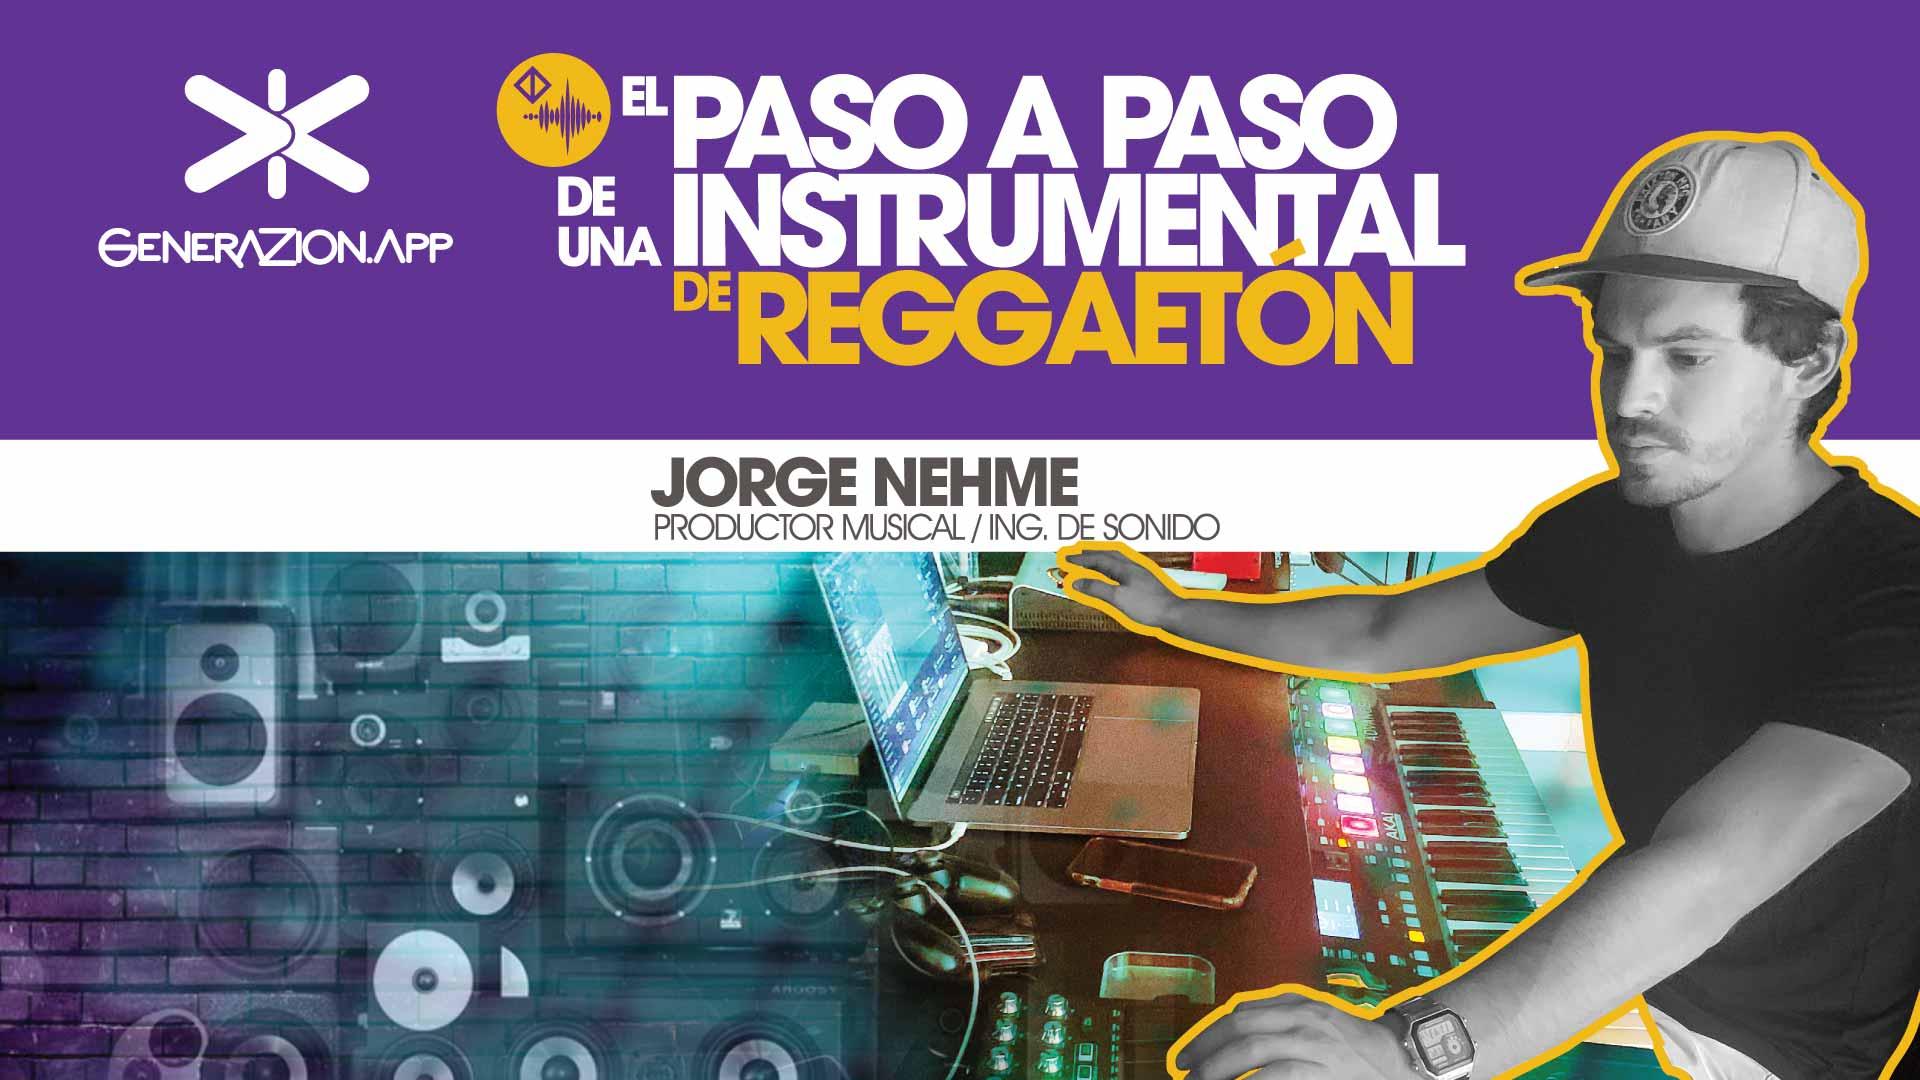 El paso a paso de una instrimental de reggaeton